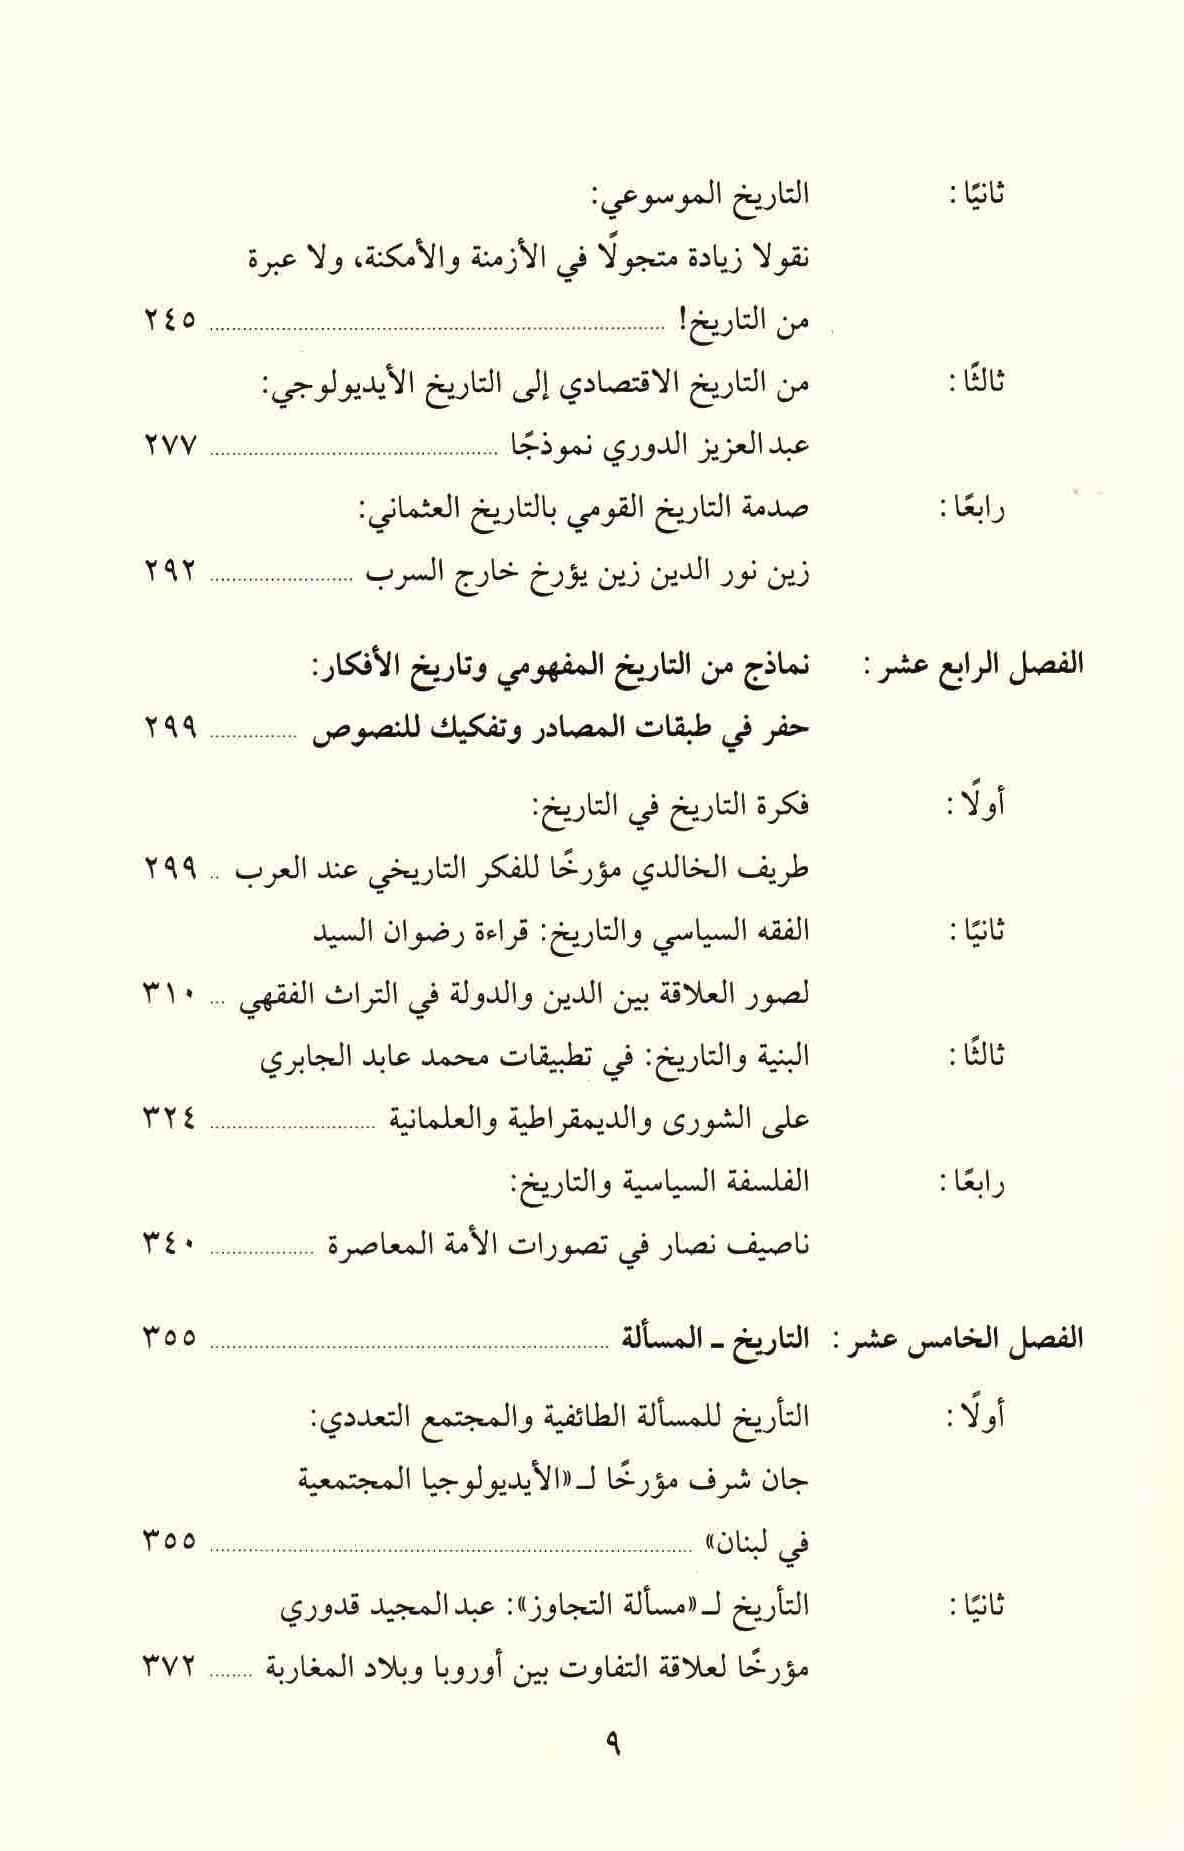 ص 9 محتويات كتاب تاريخ التأريخ